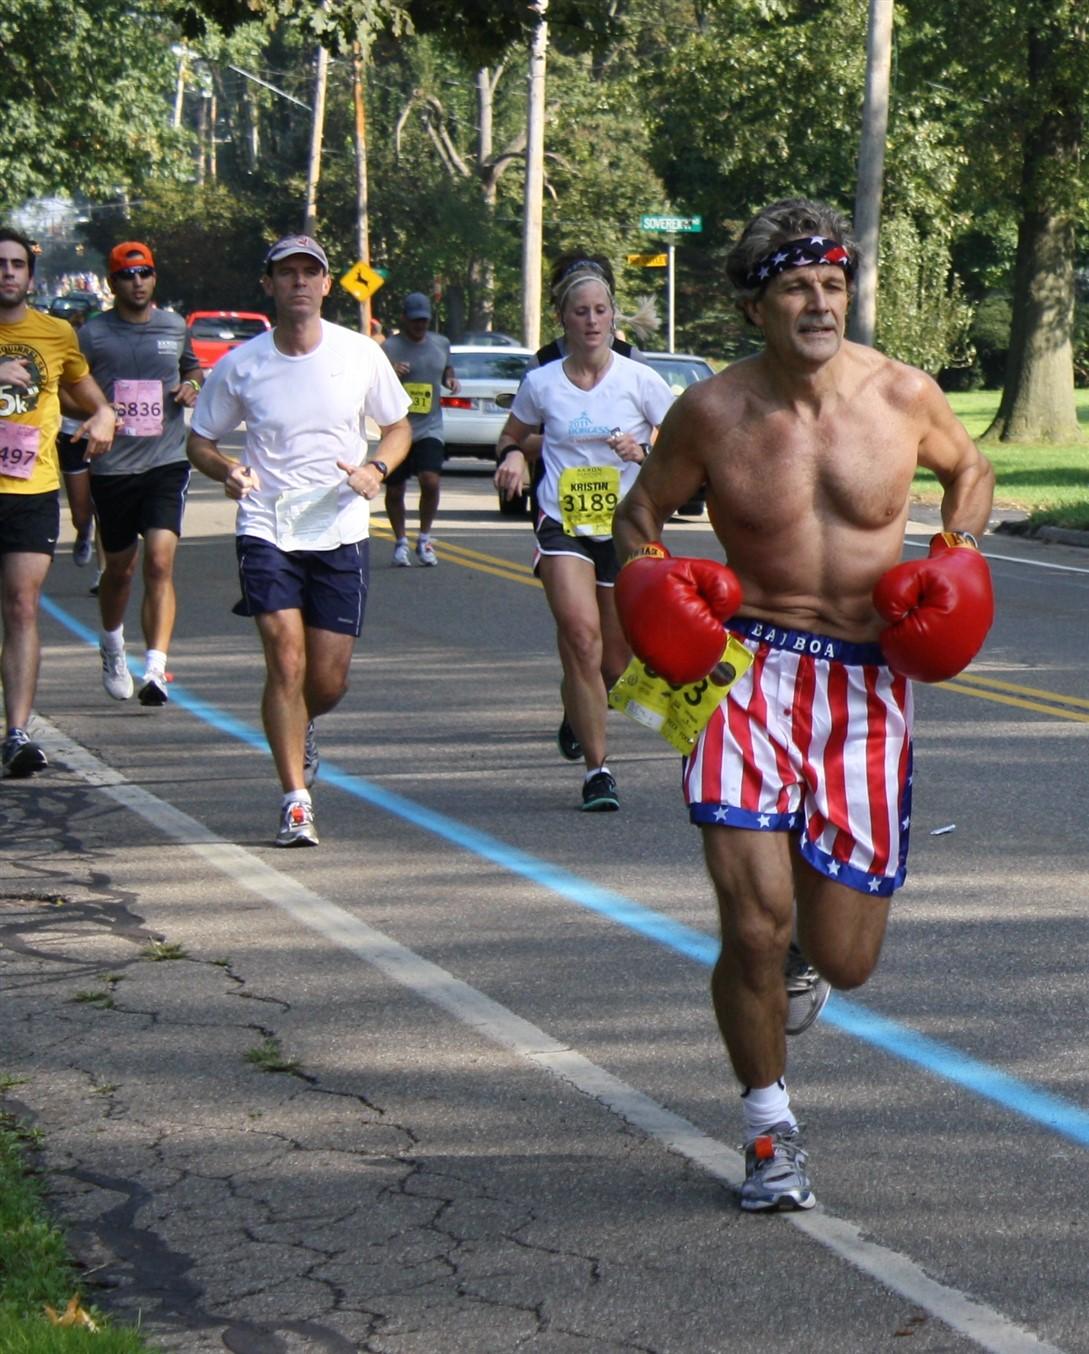 2011 09 24 Akron Marathon 48.jpg